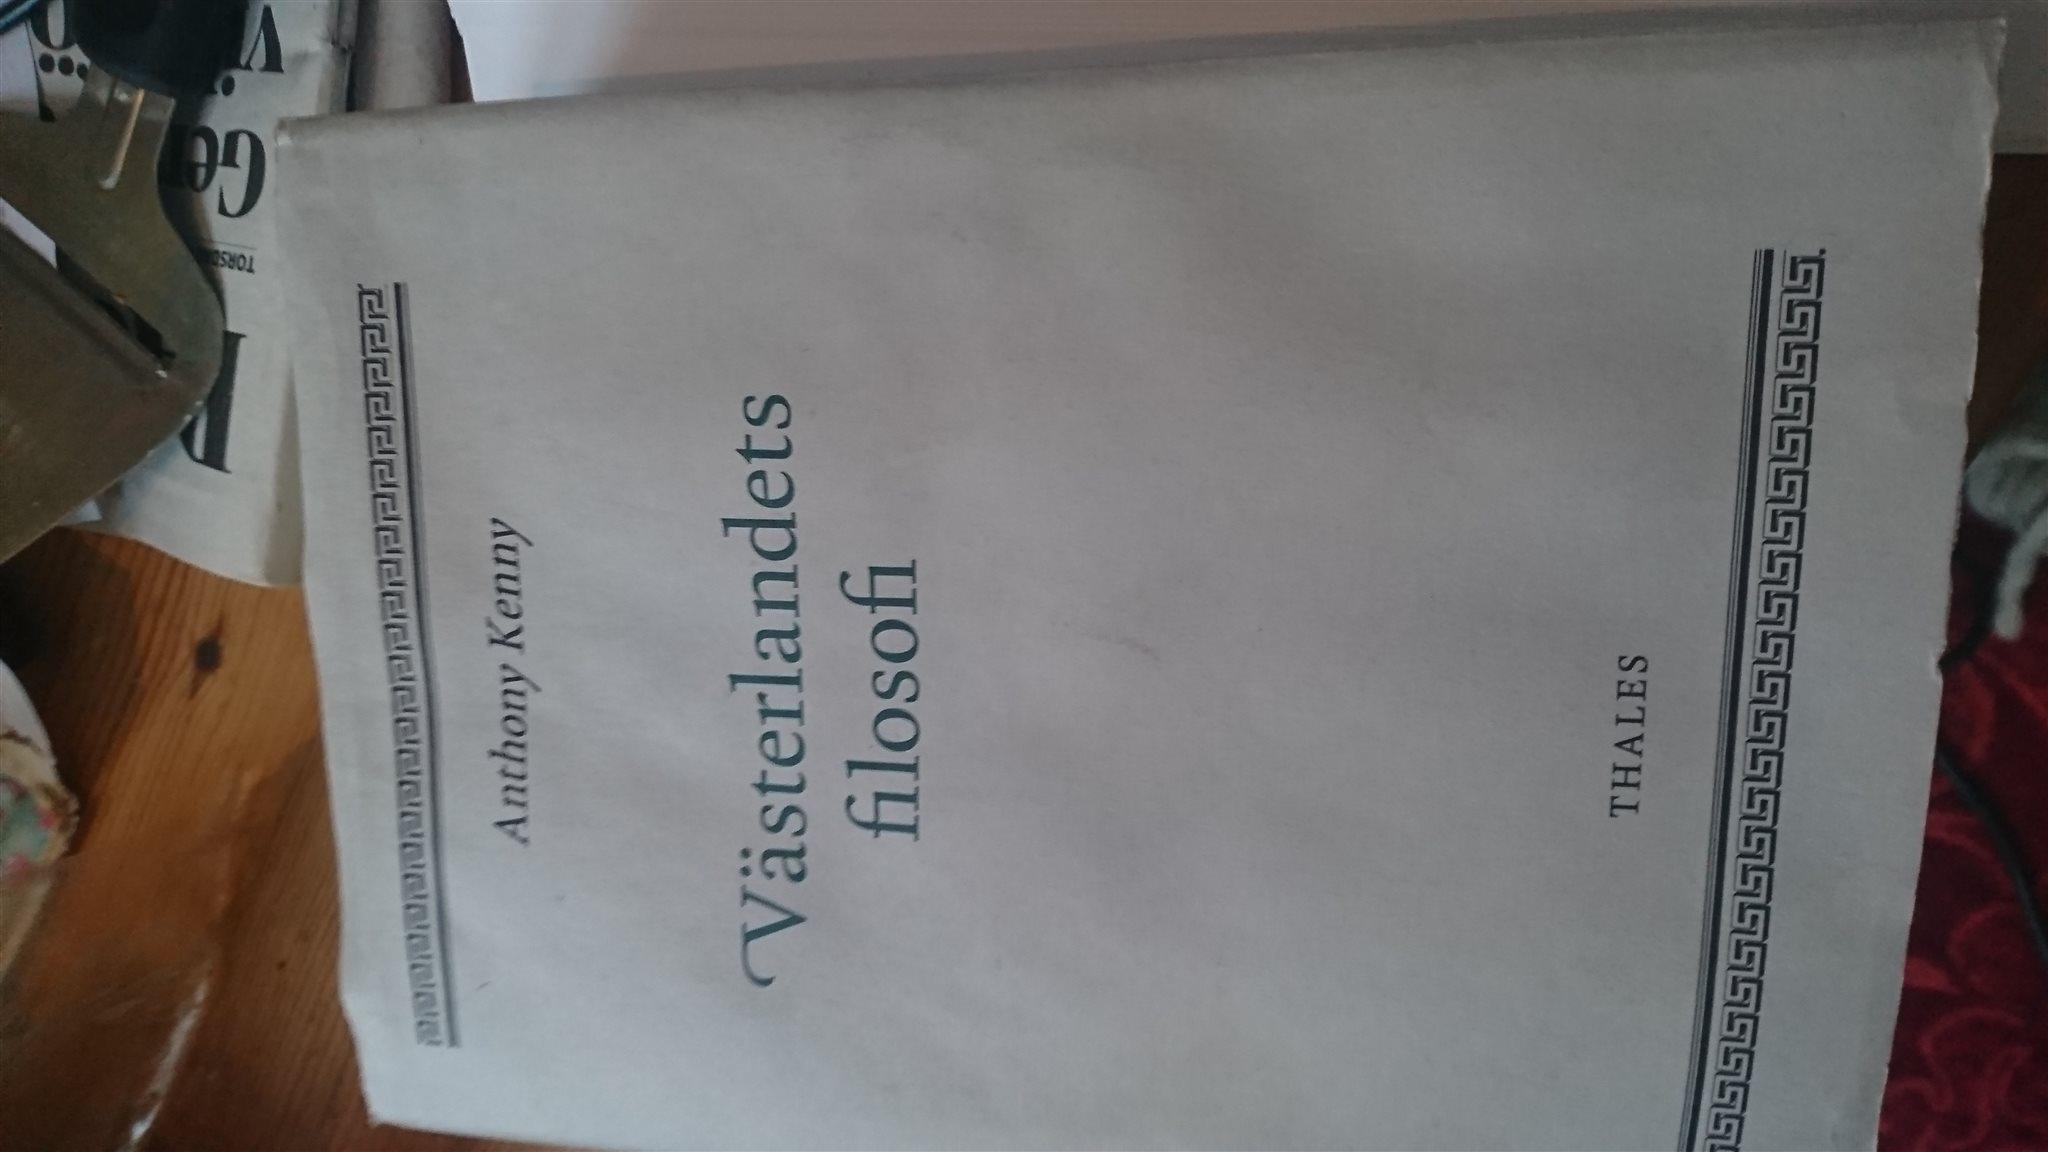 Västerlandets filosofi filosofi filosofi 44a03c